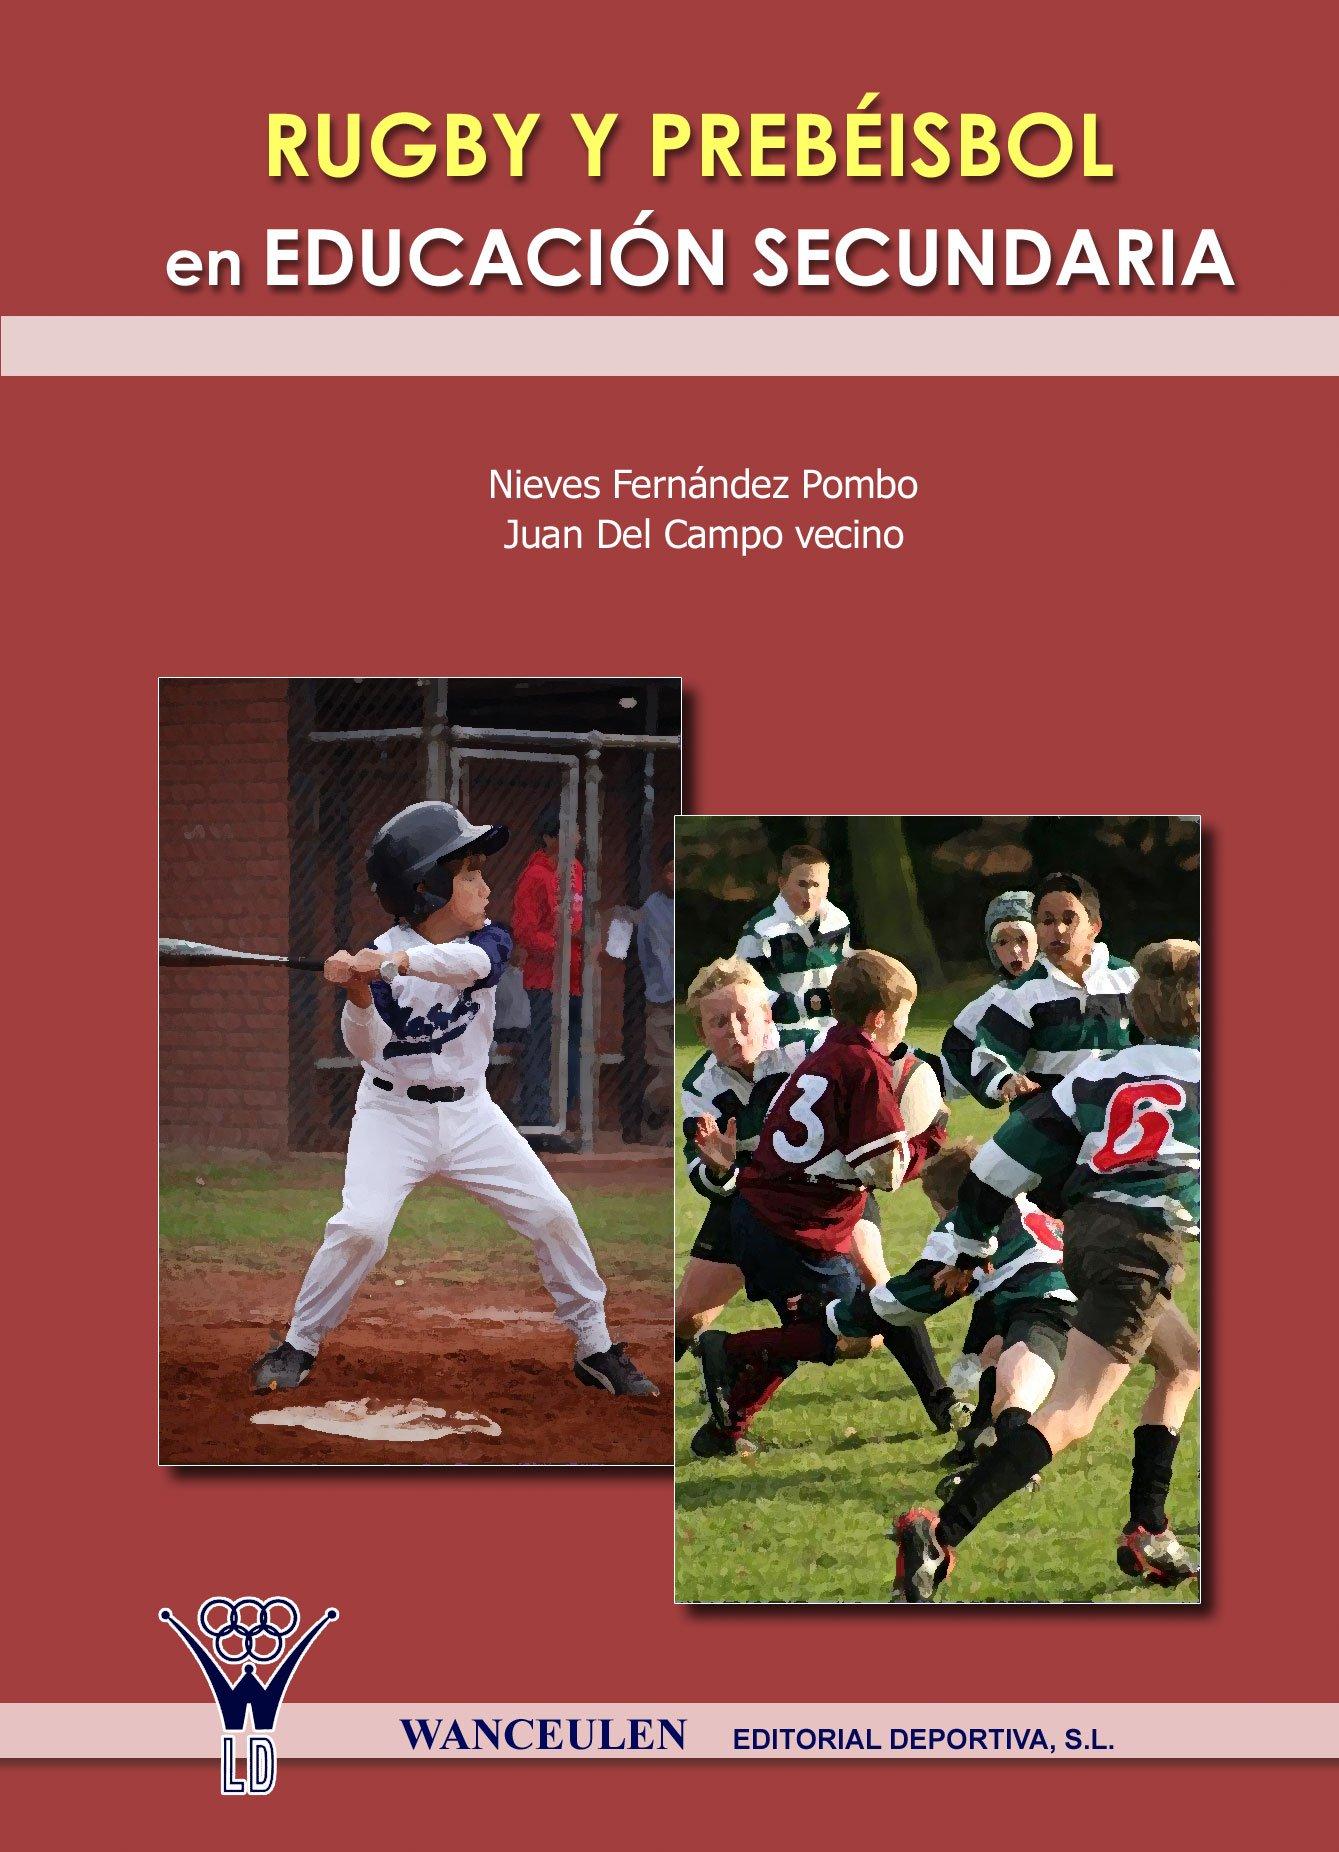 Rugby y prebeisbol en Educación Secundaria